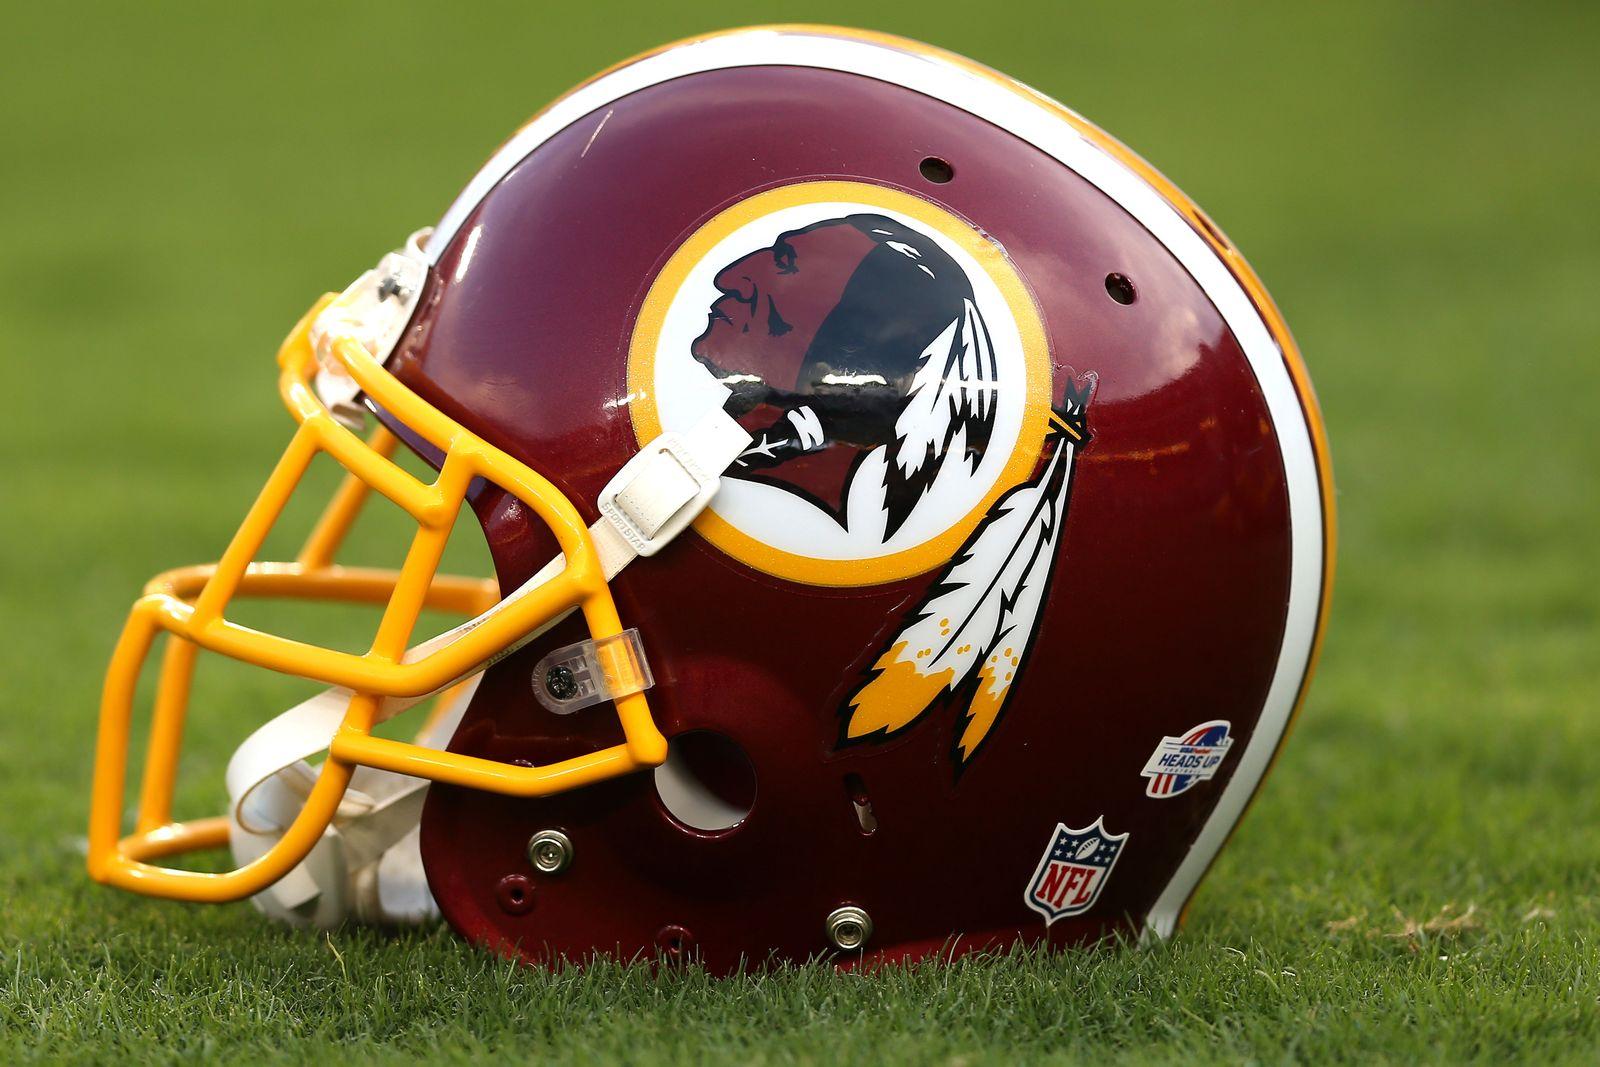 NFL Sponsoren fordern Namensänderung der Washington Redskins ...